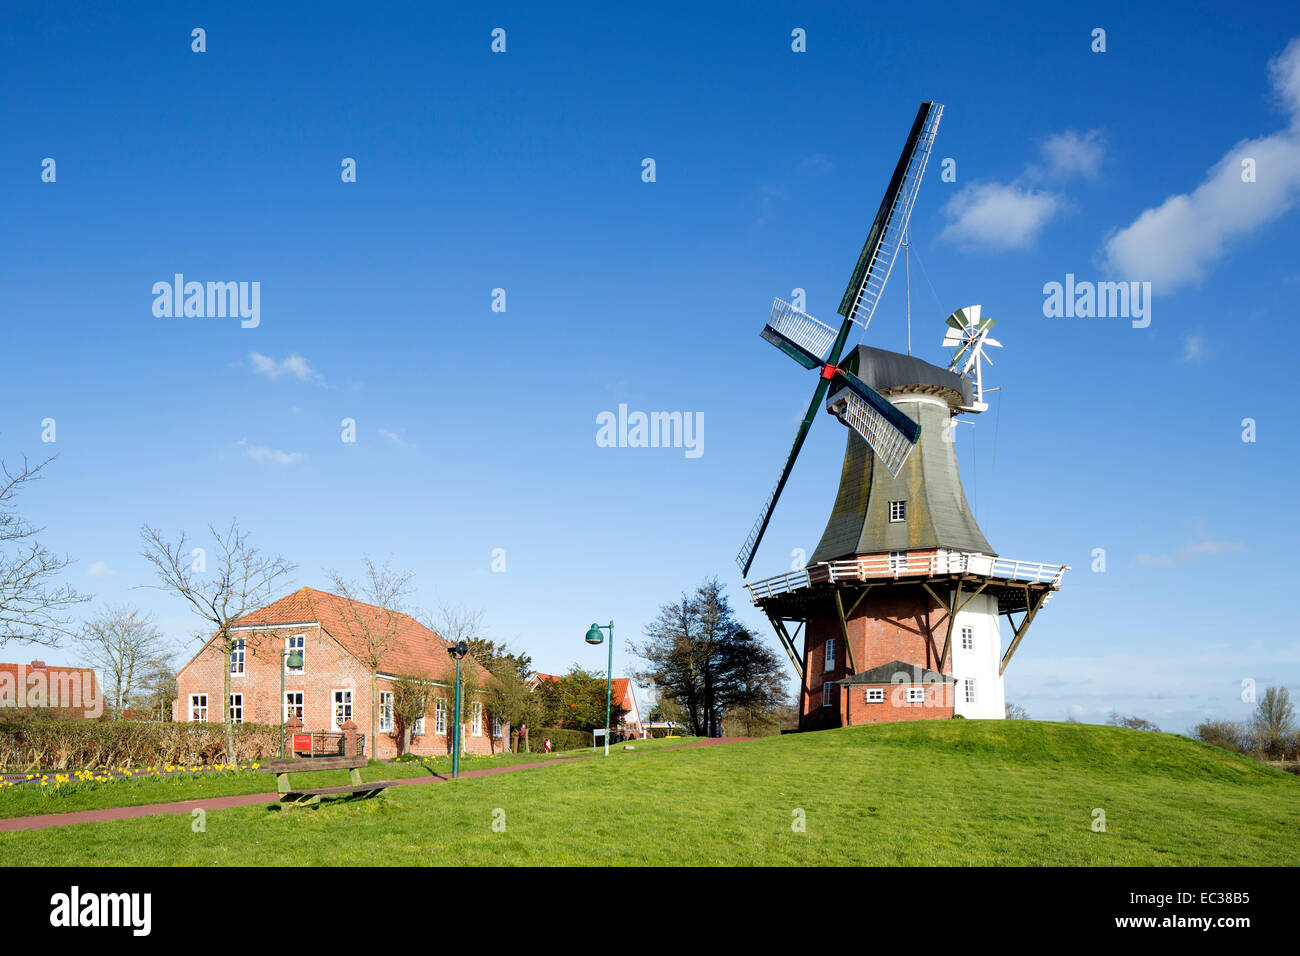 Green windmill, Greetsiel twin mills, Greetsiel, Krummhörn, East Frisia, Lower Saxony, Germany - Stock Image